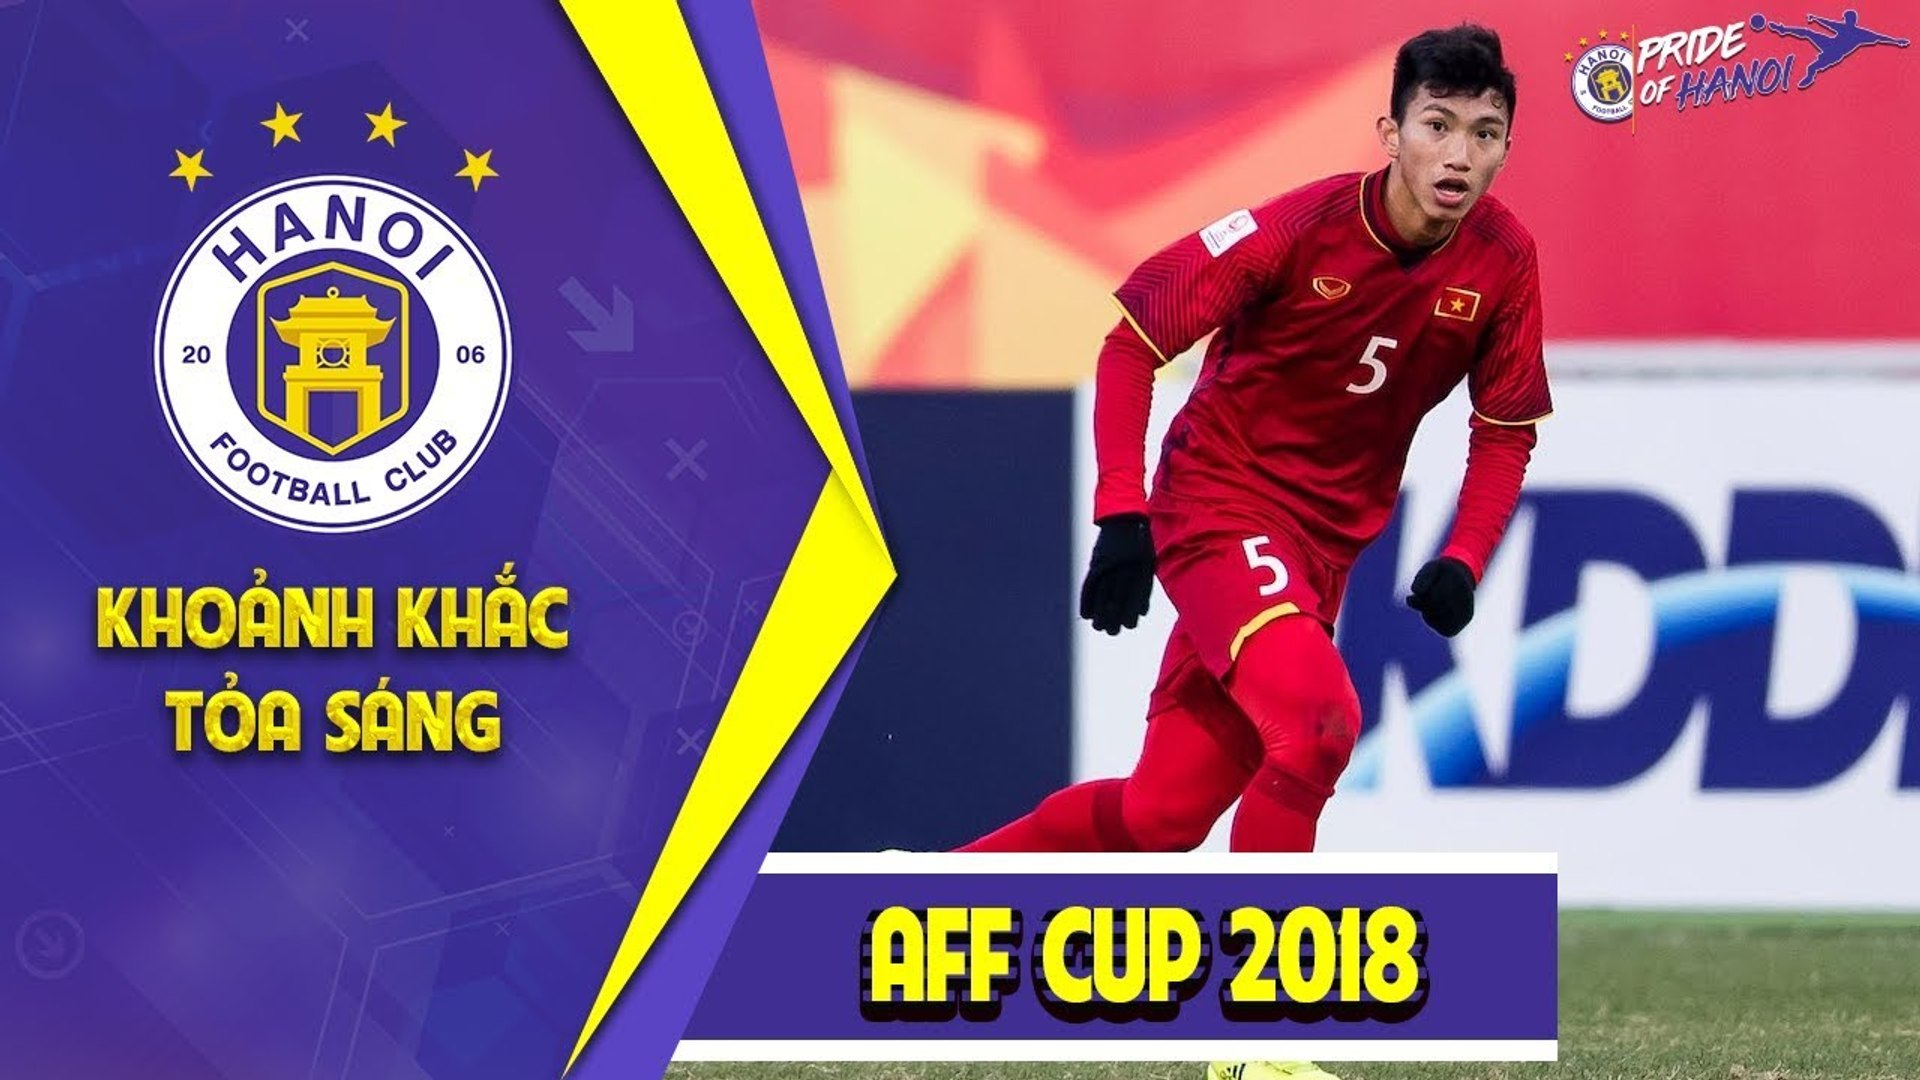 VÀO! Công Phượng ghi bàn đẹp mắt sau tình huống chồng biên cánh Văn Hậu | HANOI FC